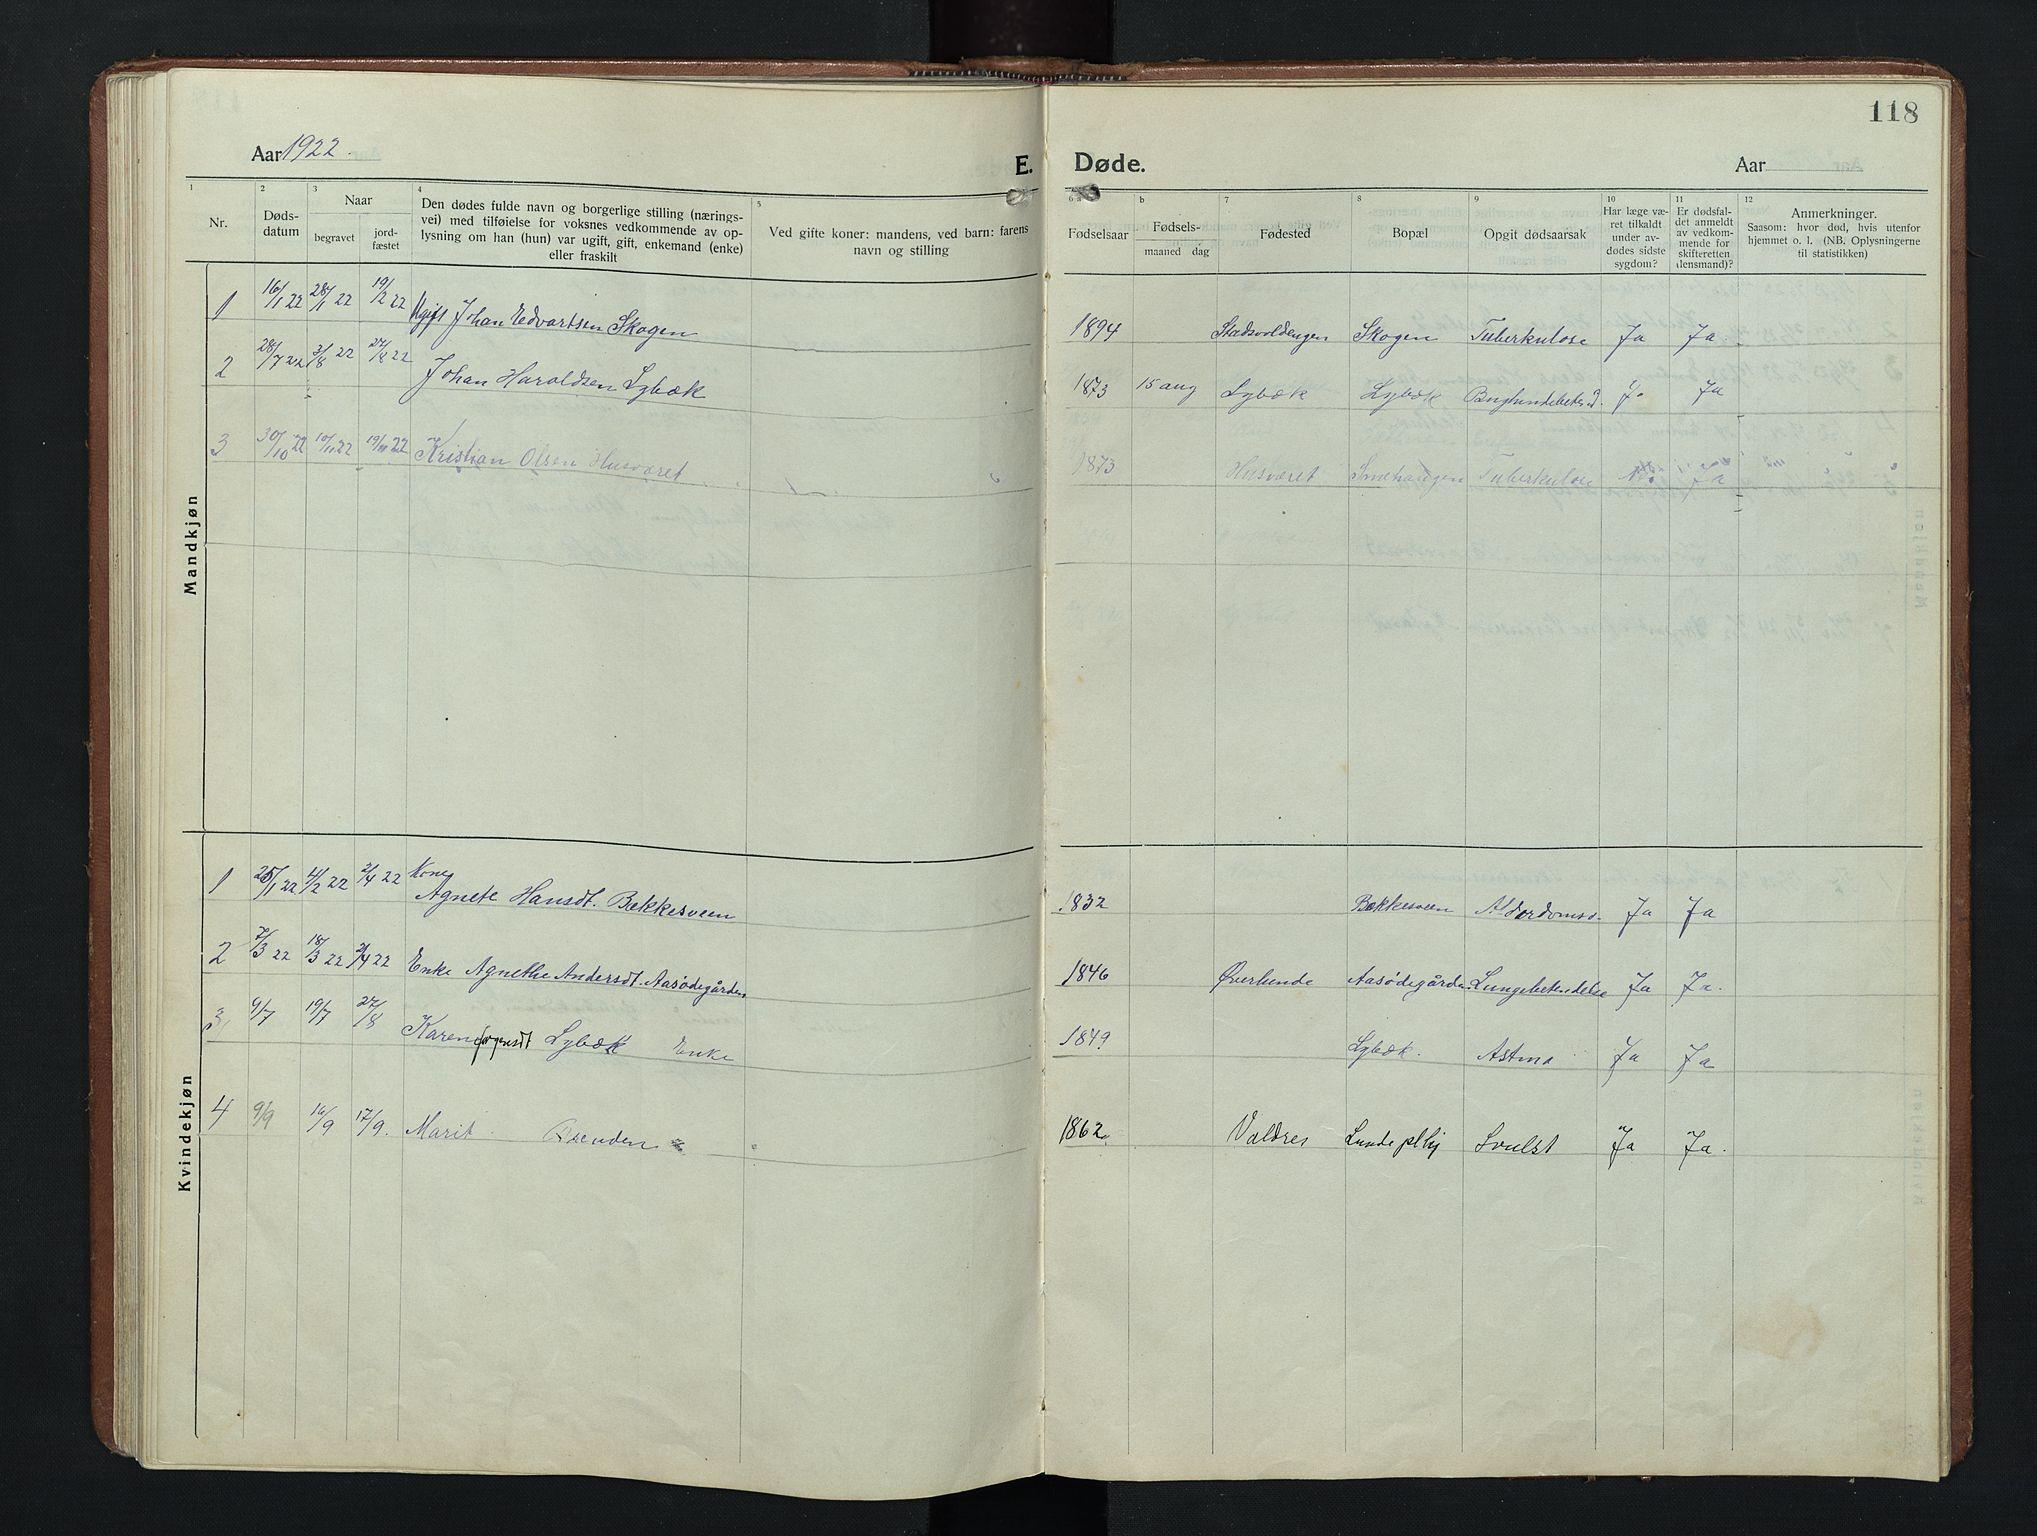 SAH, Nordre Land prestekontor, Klokkerbok nr. 9, 1921-1956, s. 118